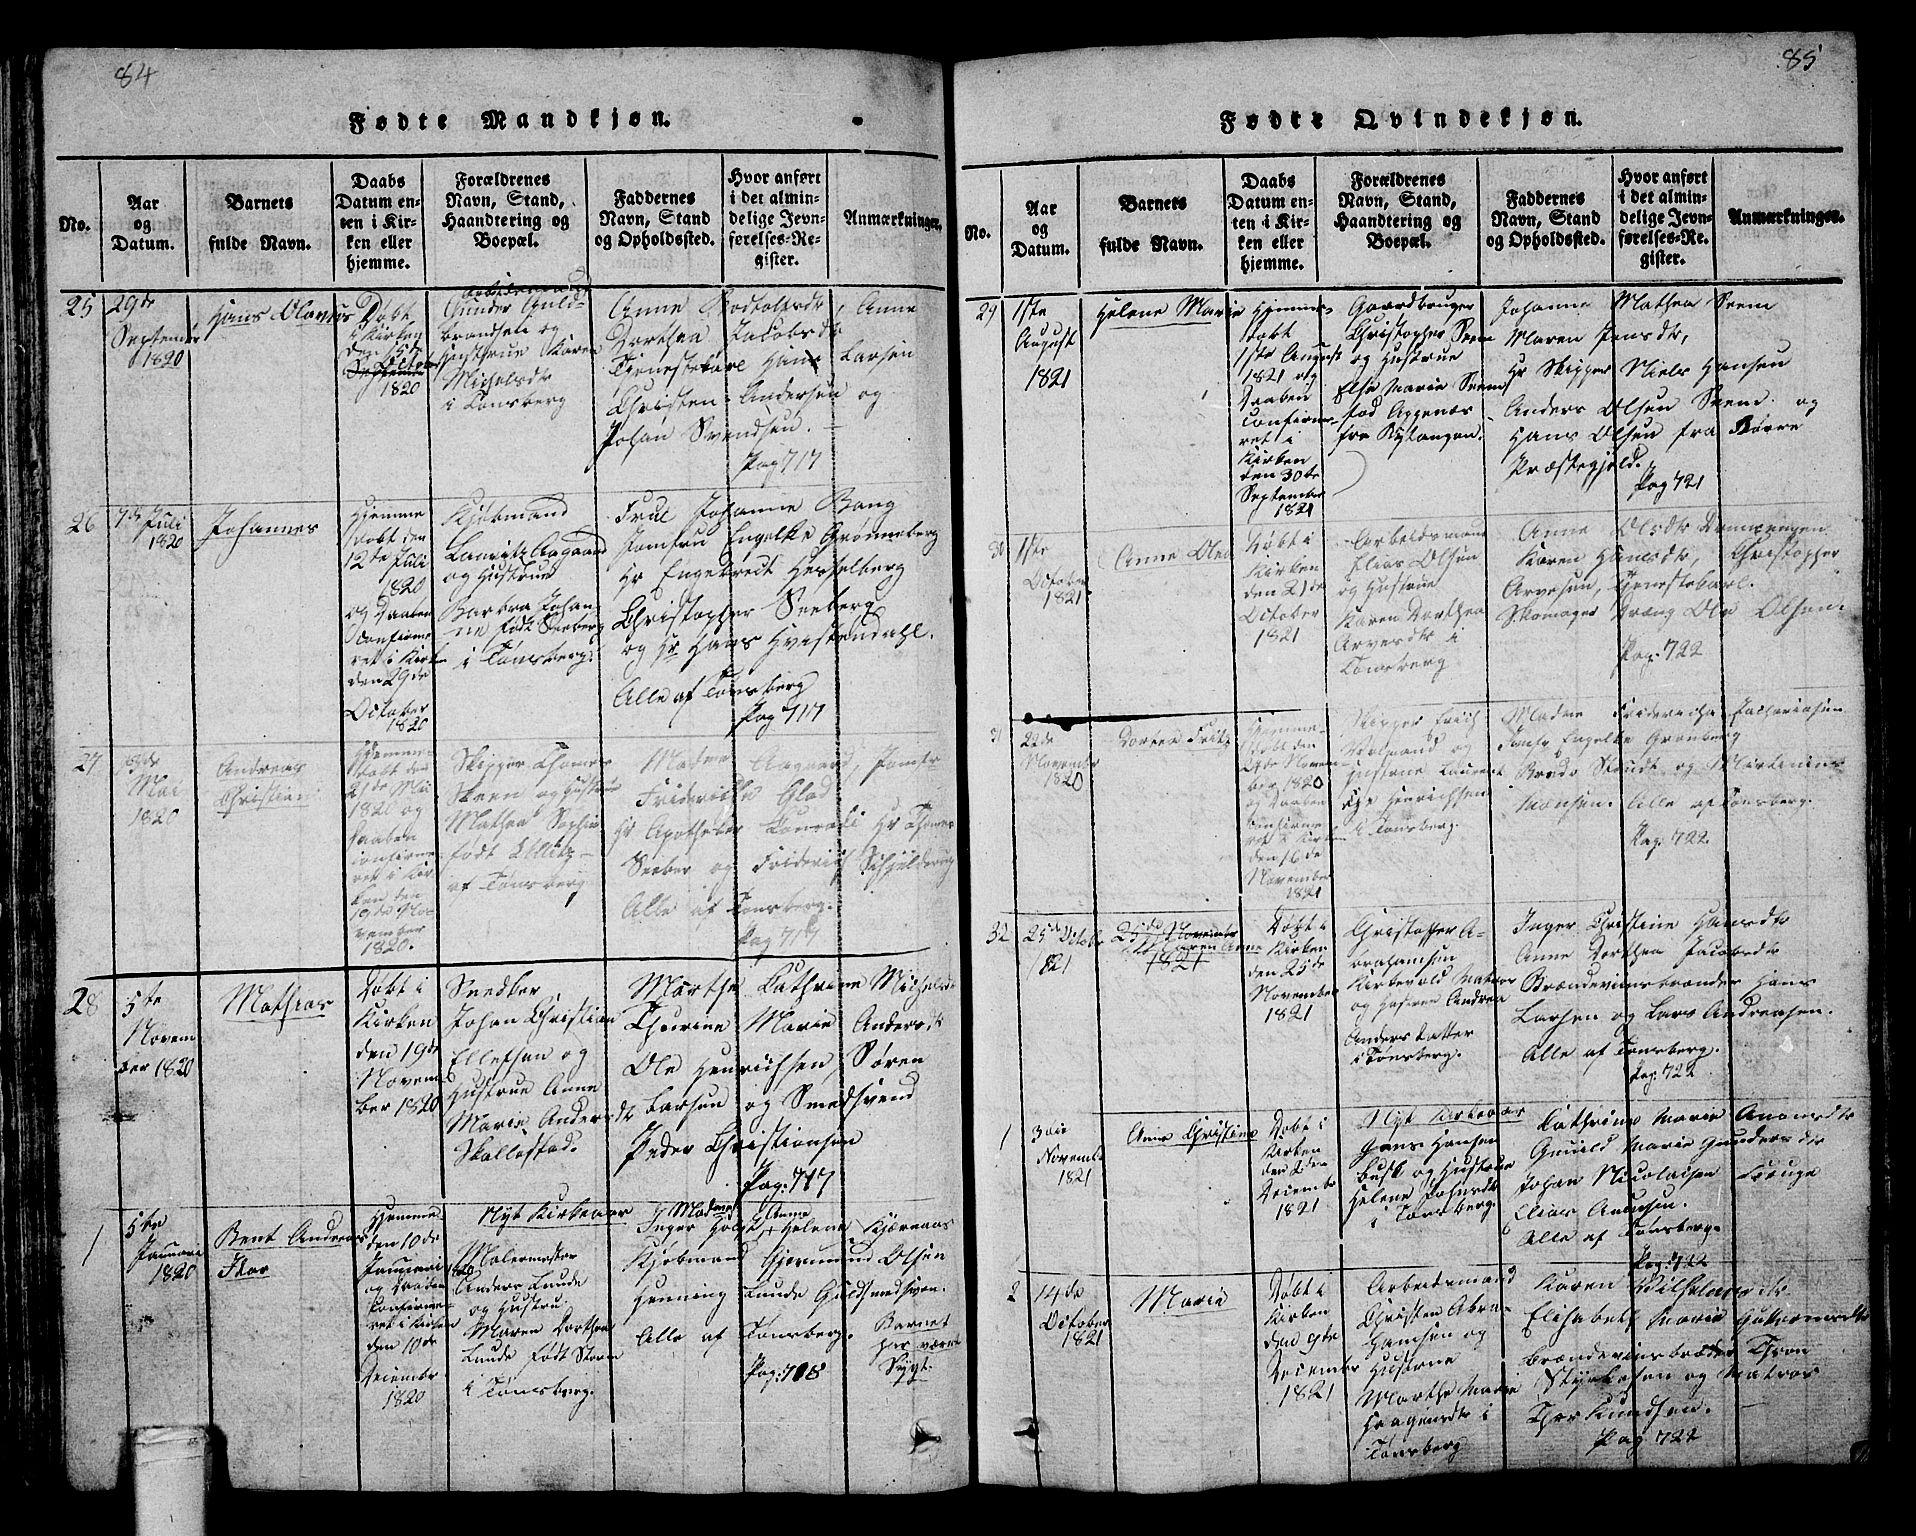 SAKO, Tønsberg kirkebøker, G/Ga/L0001: Klokkerbok nr. 1, 1813-1826, s. 84-85